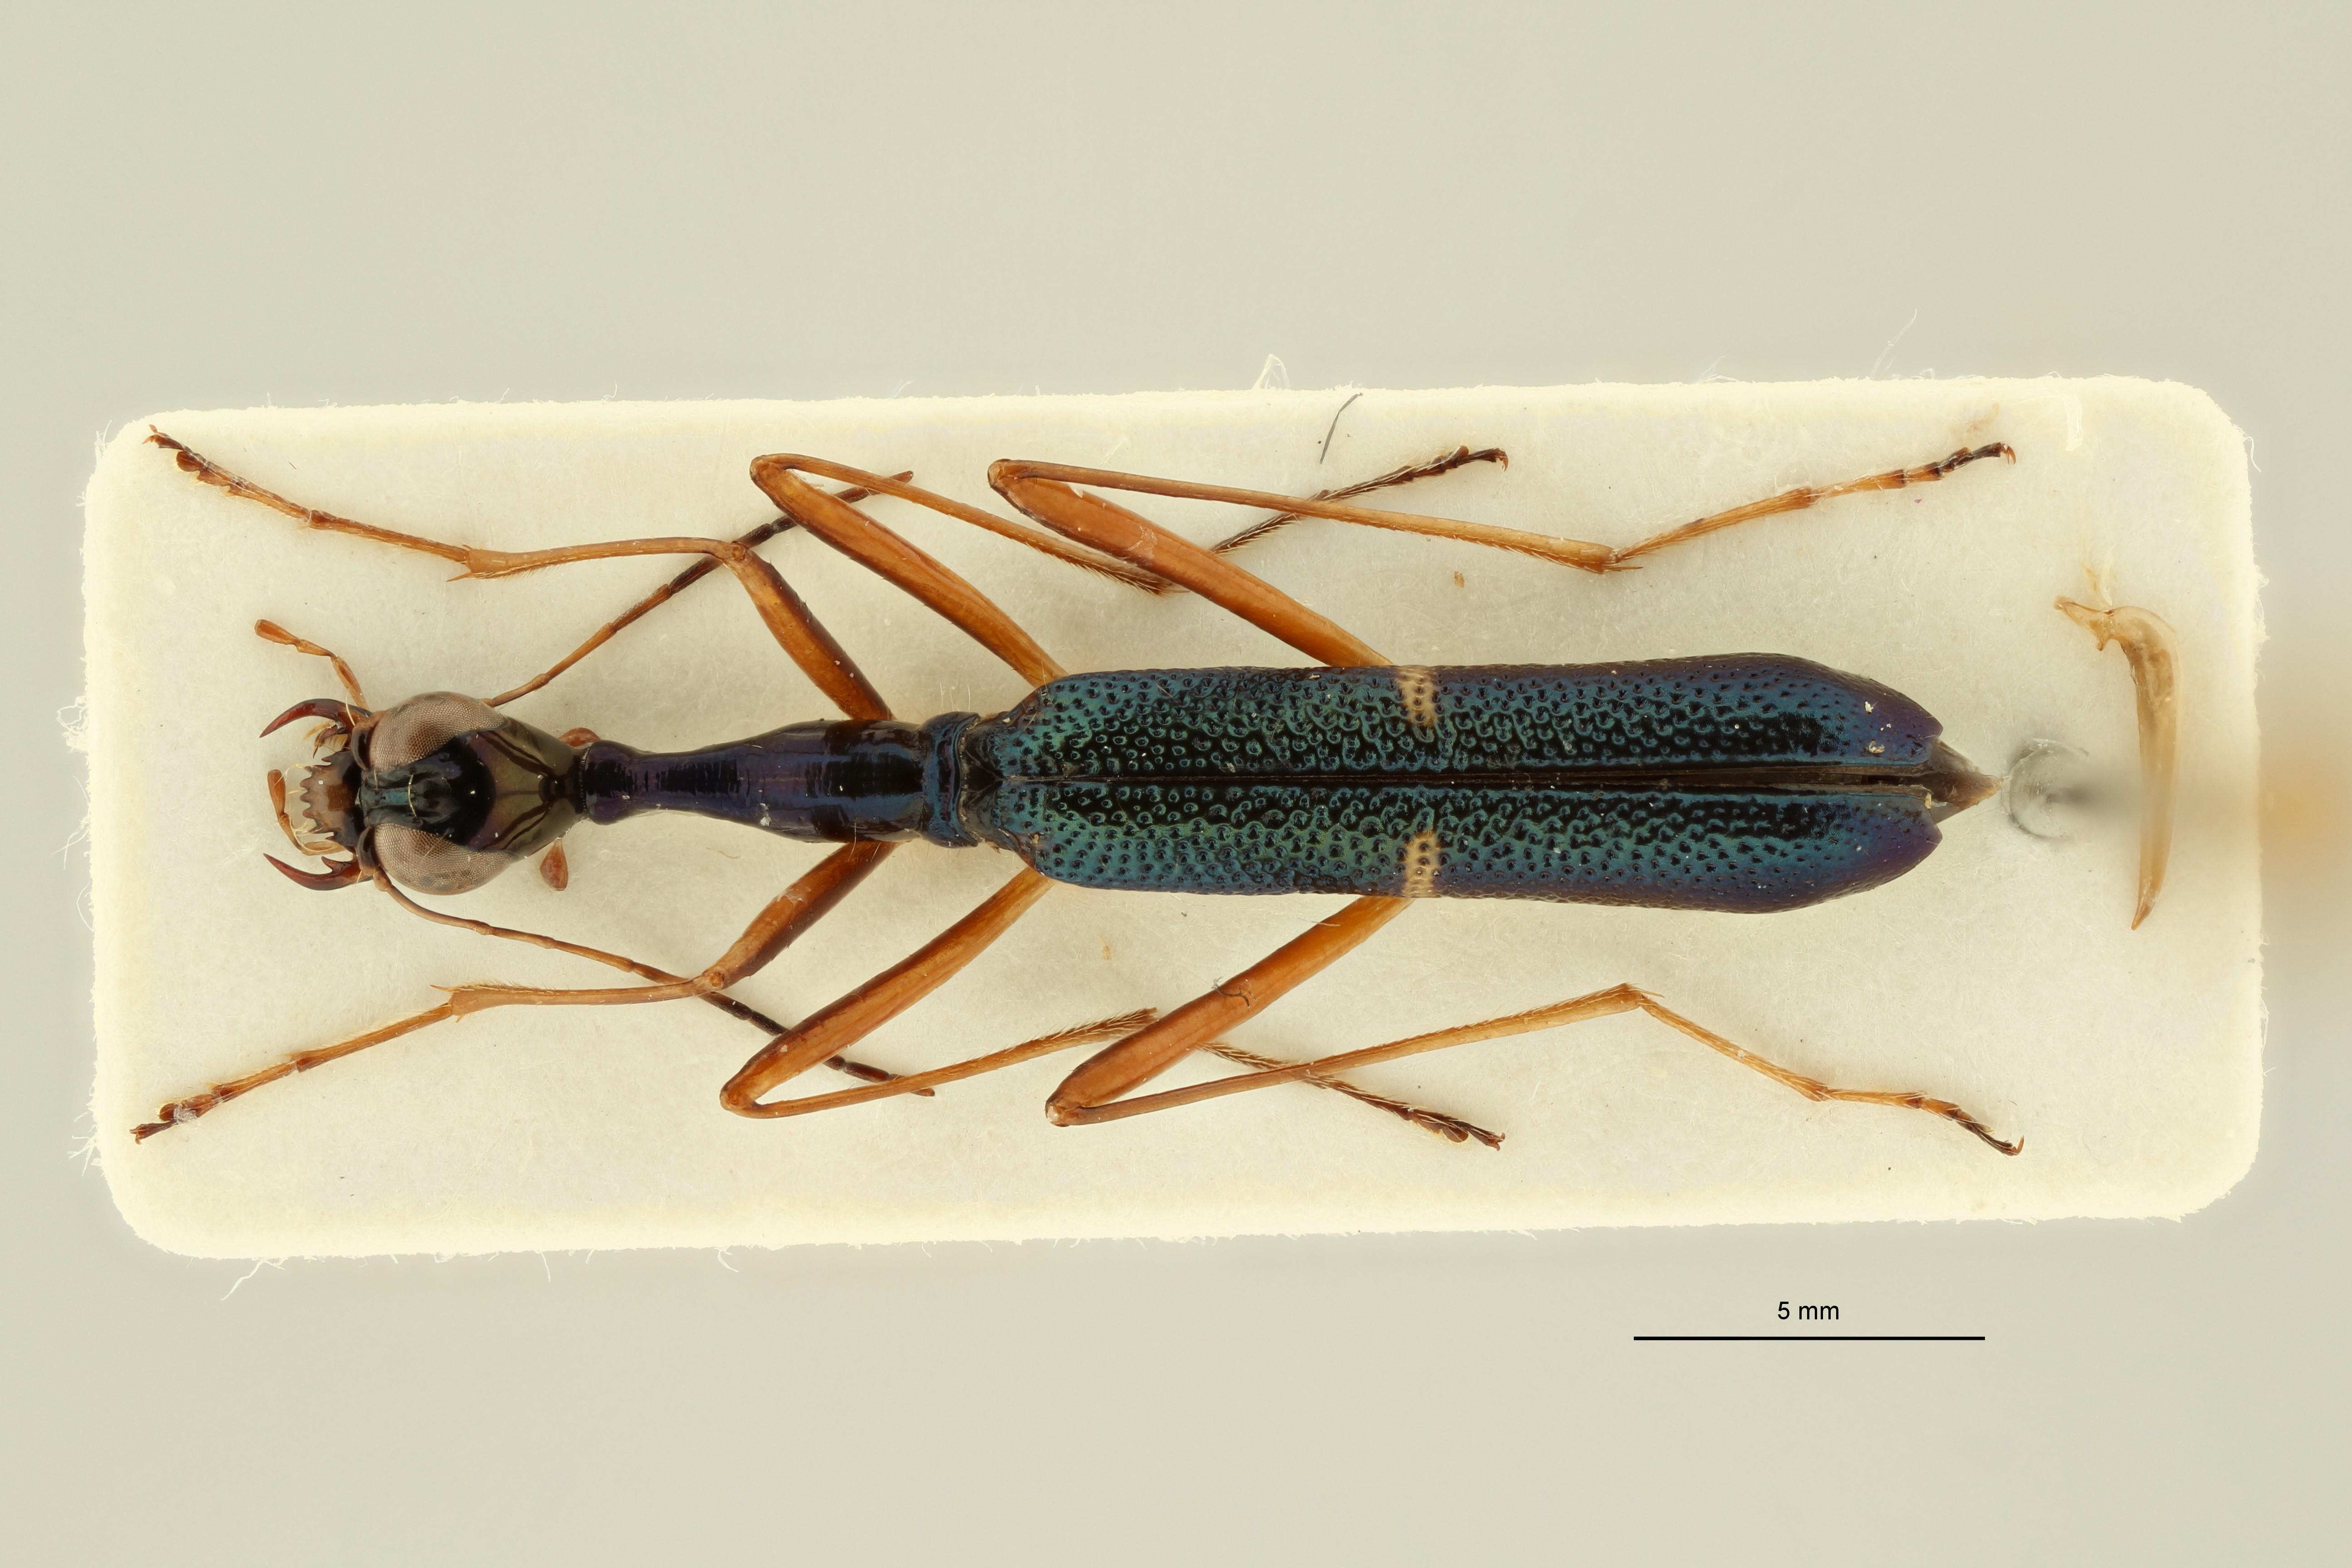 Neocollyris (Leptocollyris) linearis aspera pt D ZS PMax Scaled.jpeg